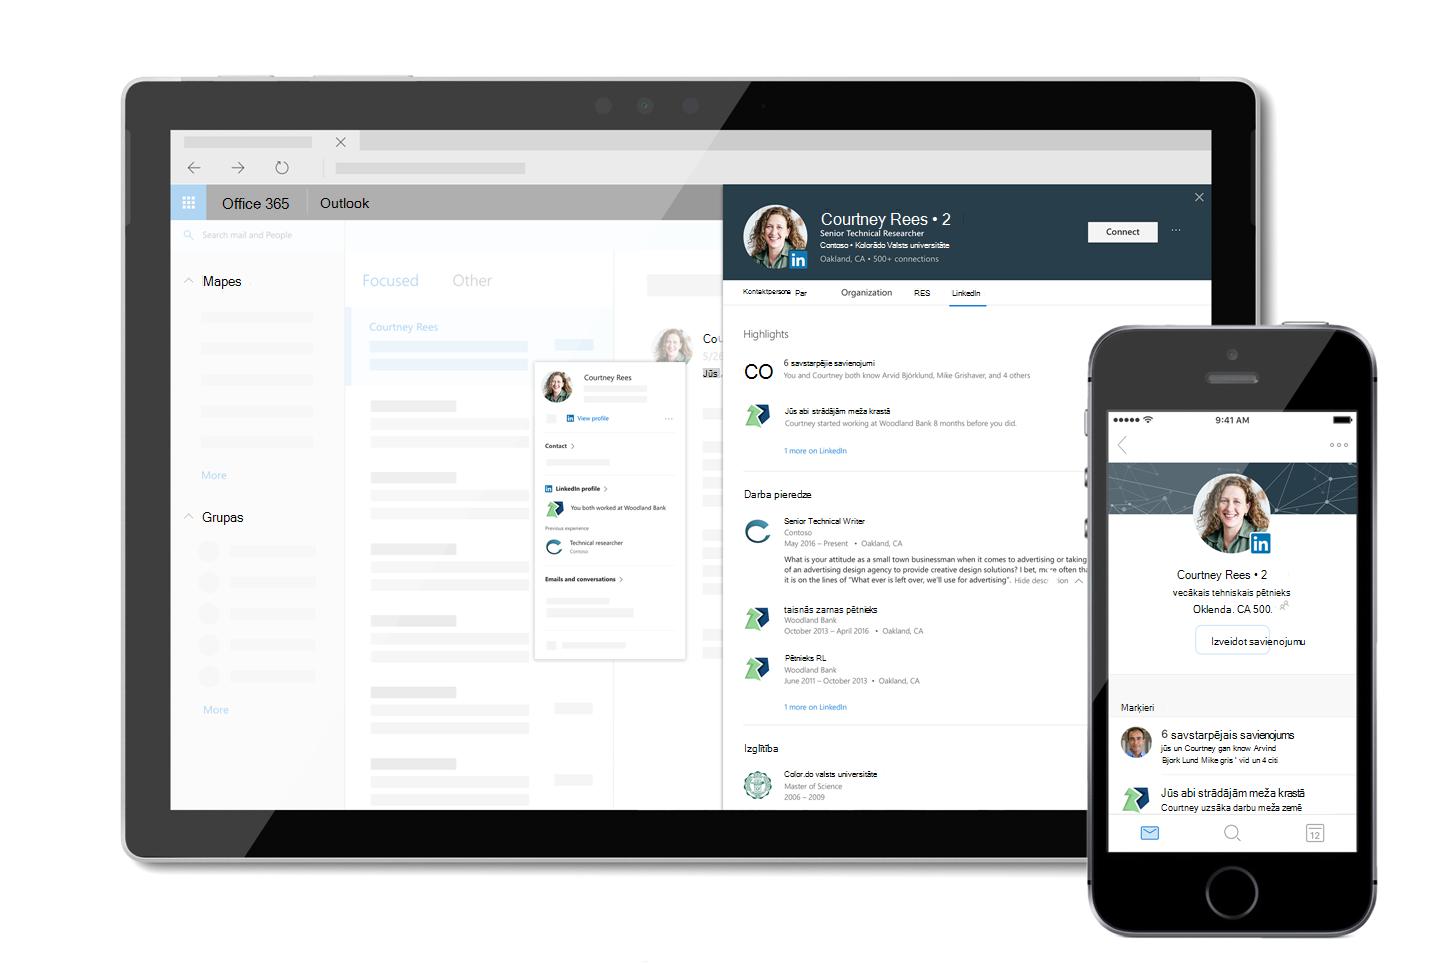 LinkedIn jūsu Microsoft lietojumprogrammās